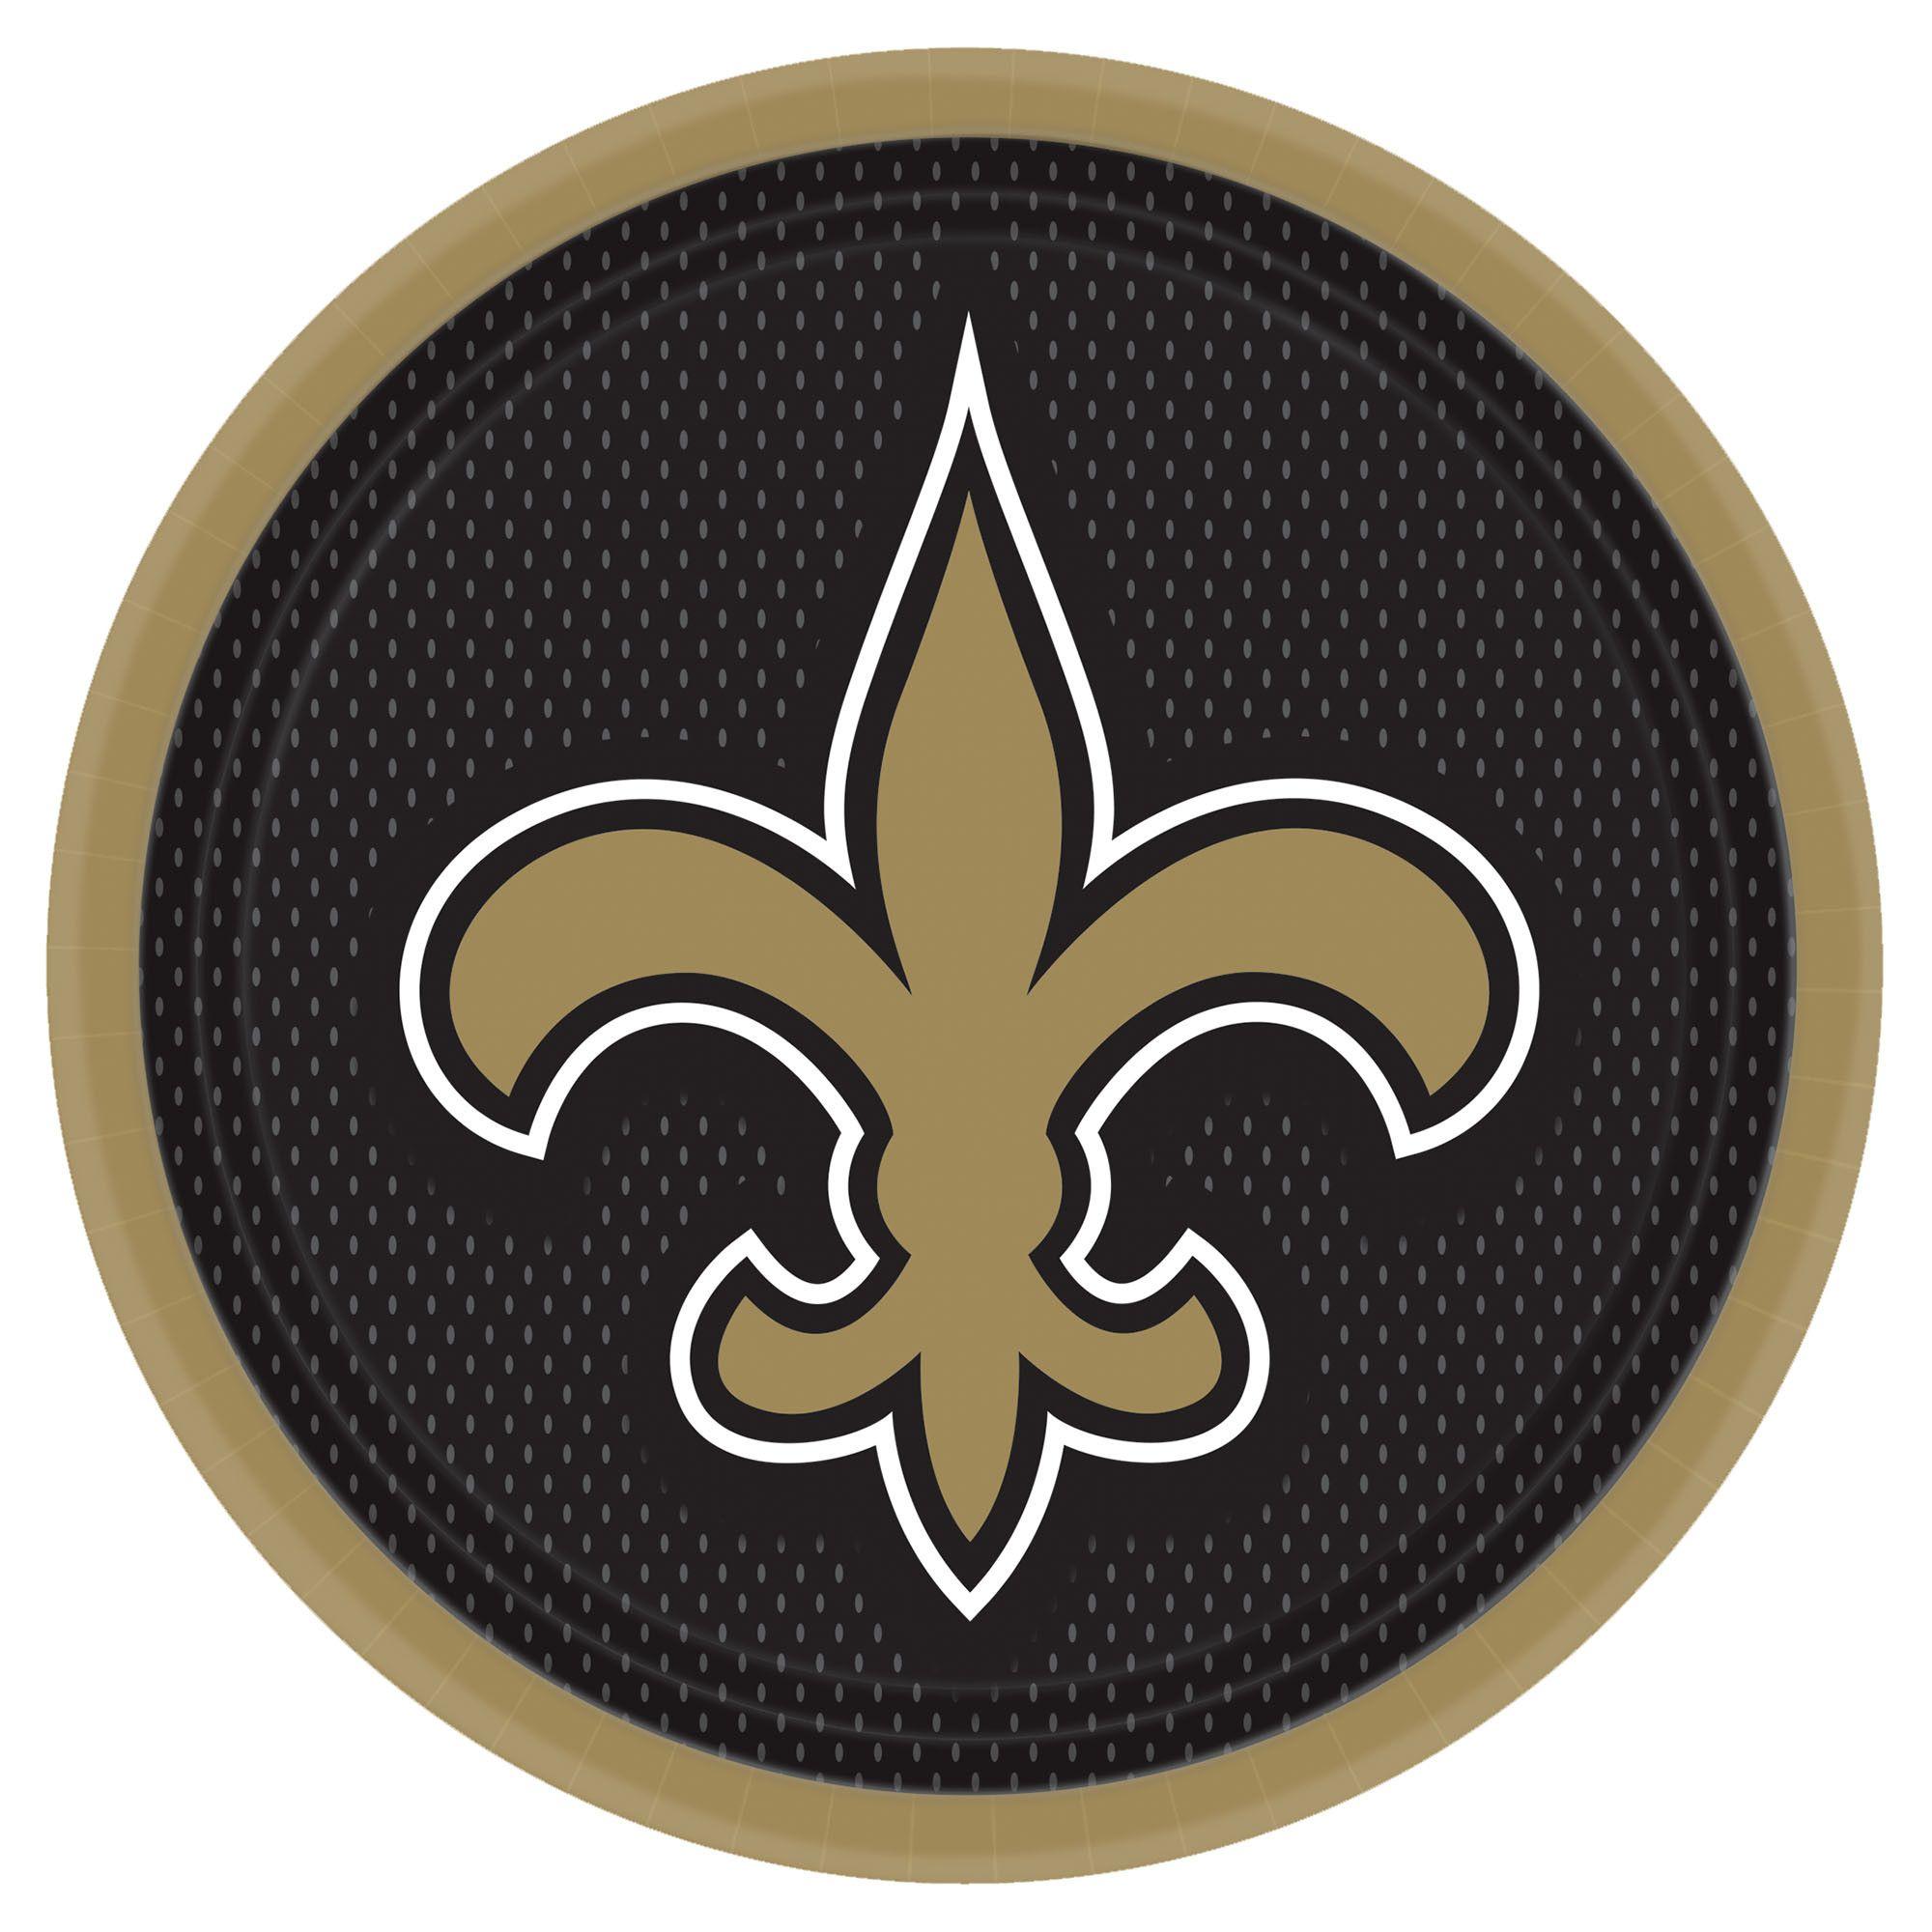 New Orleans Saints 9